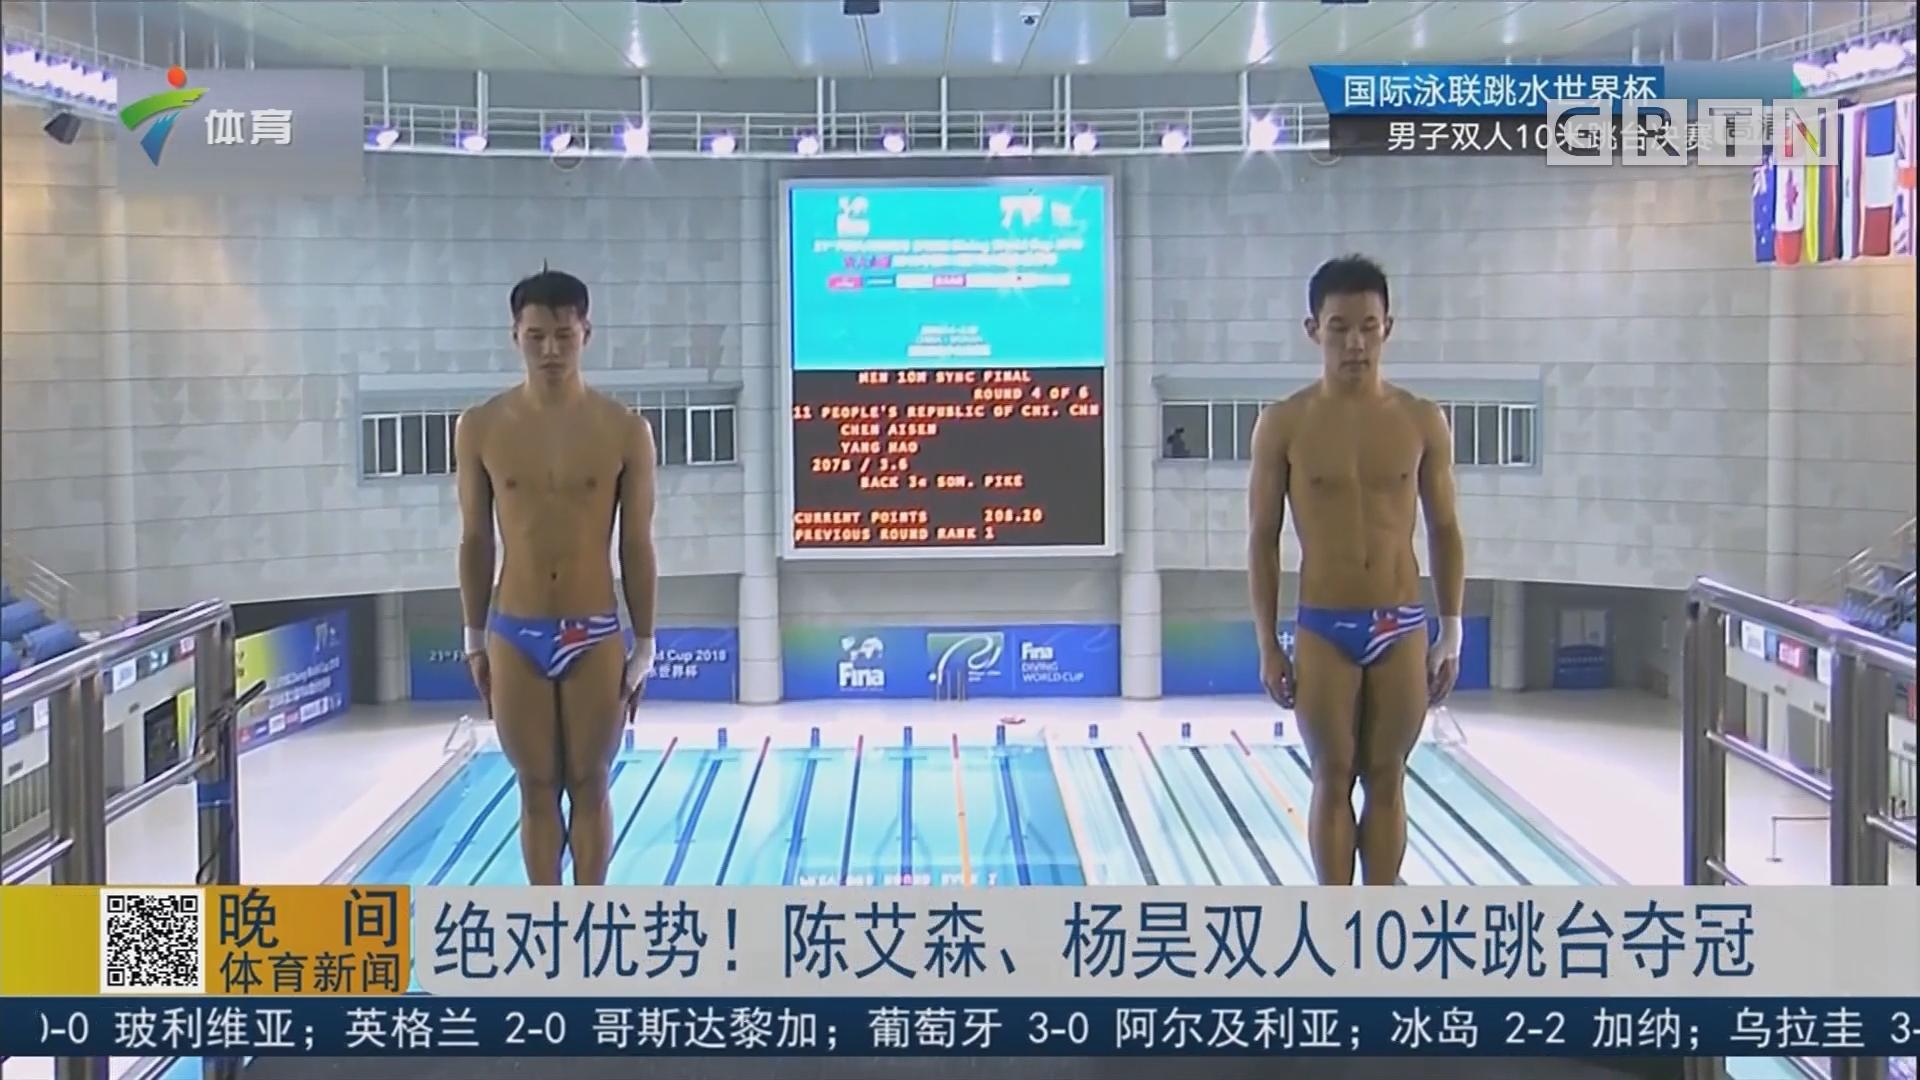 绝对优势!陈艾森、杨昊双人10米跳台夺冠